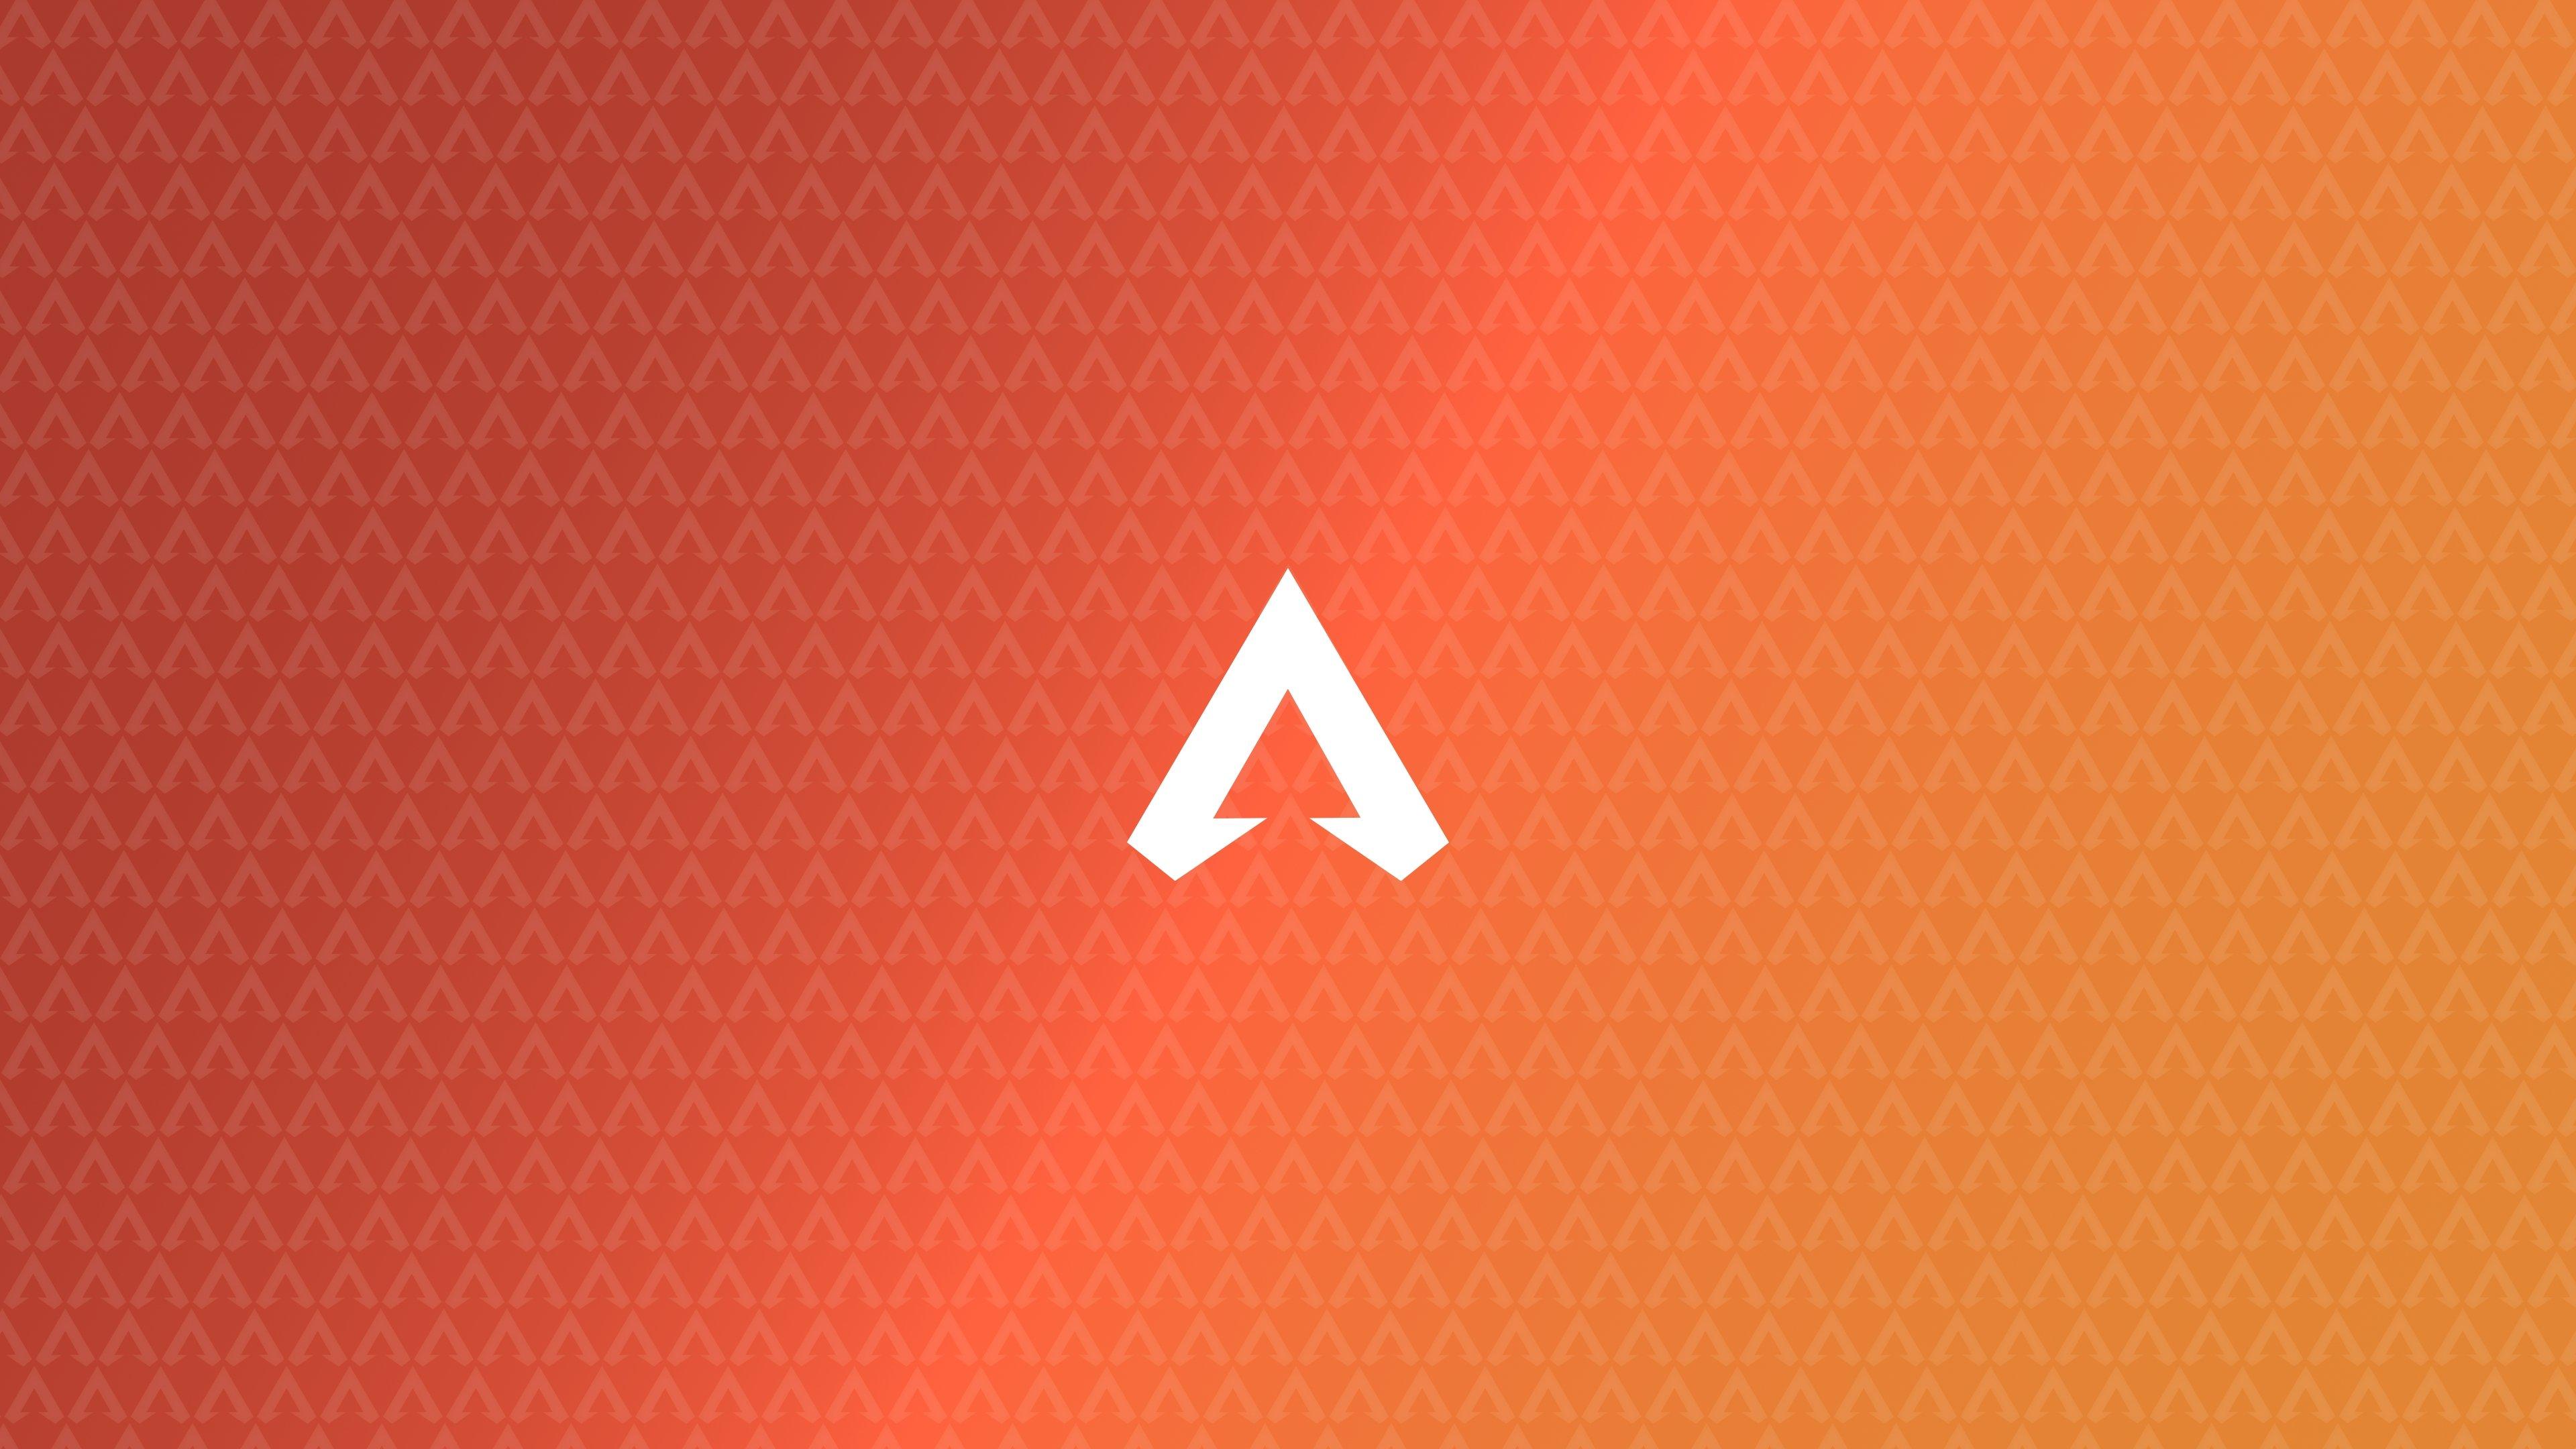 Wallpaper Apex Legends logo